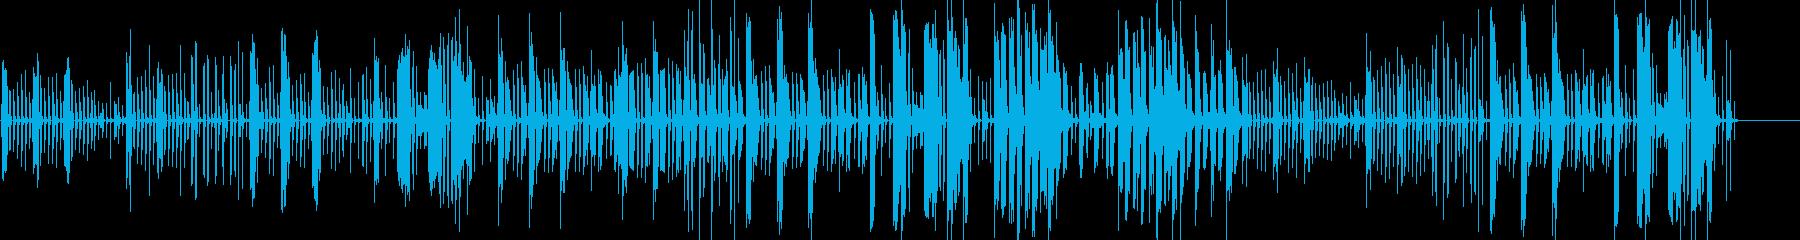 ■シンセ・Eピアノ・まぬけであほっぽい曲の再生済みの波形